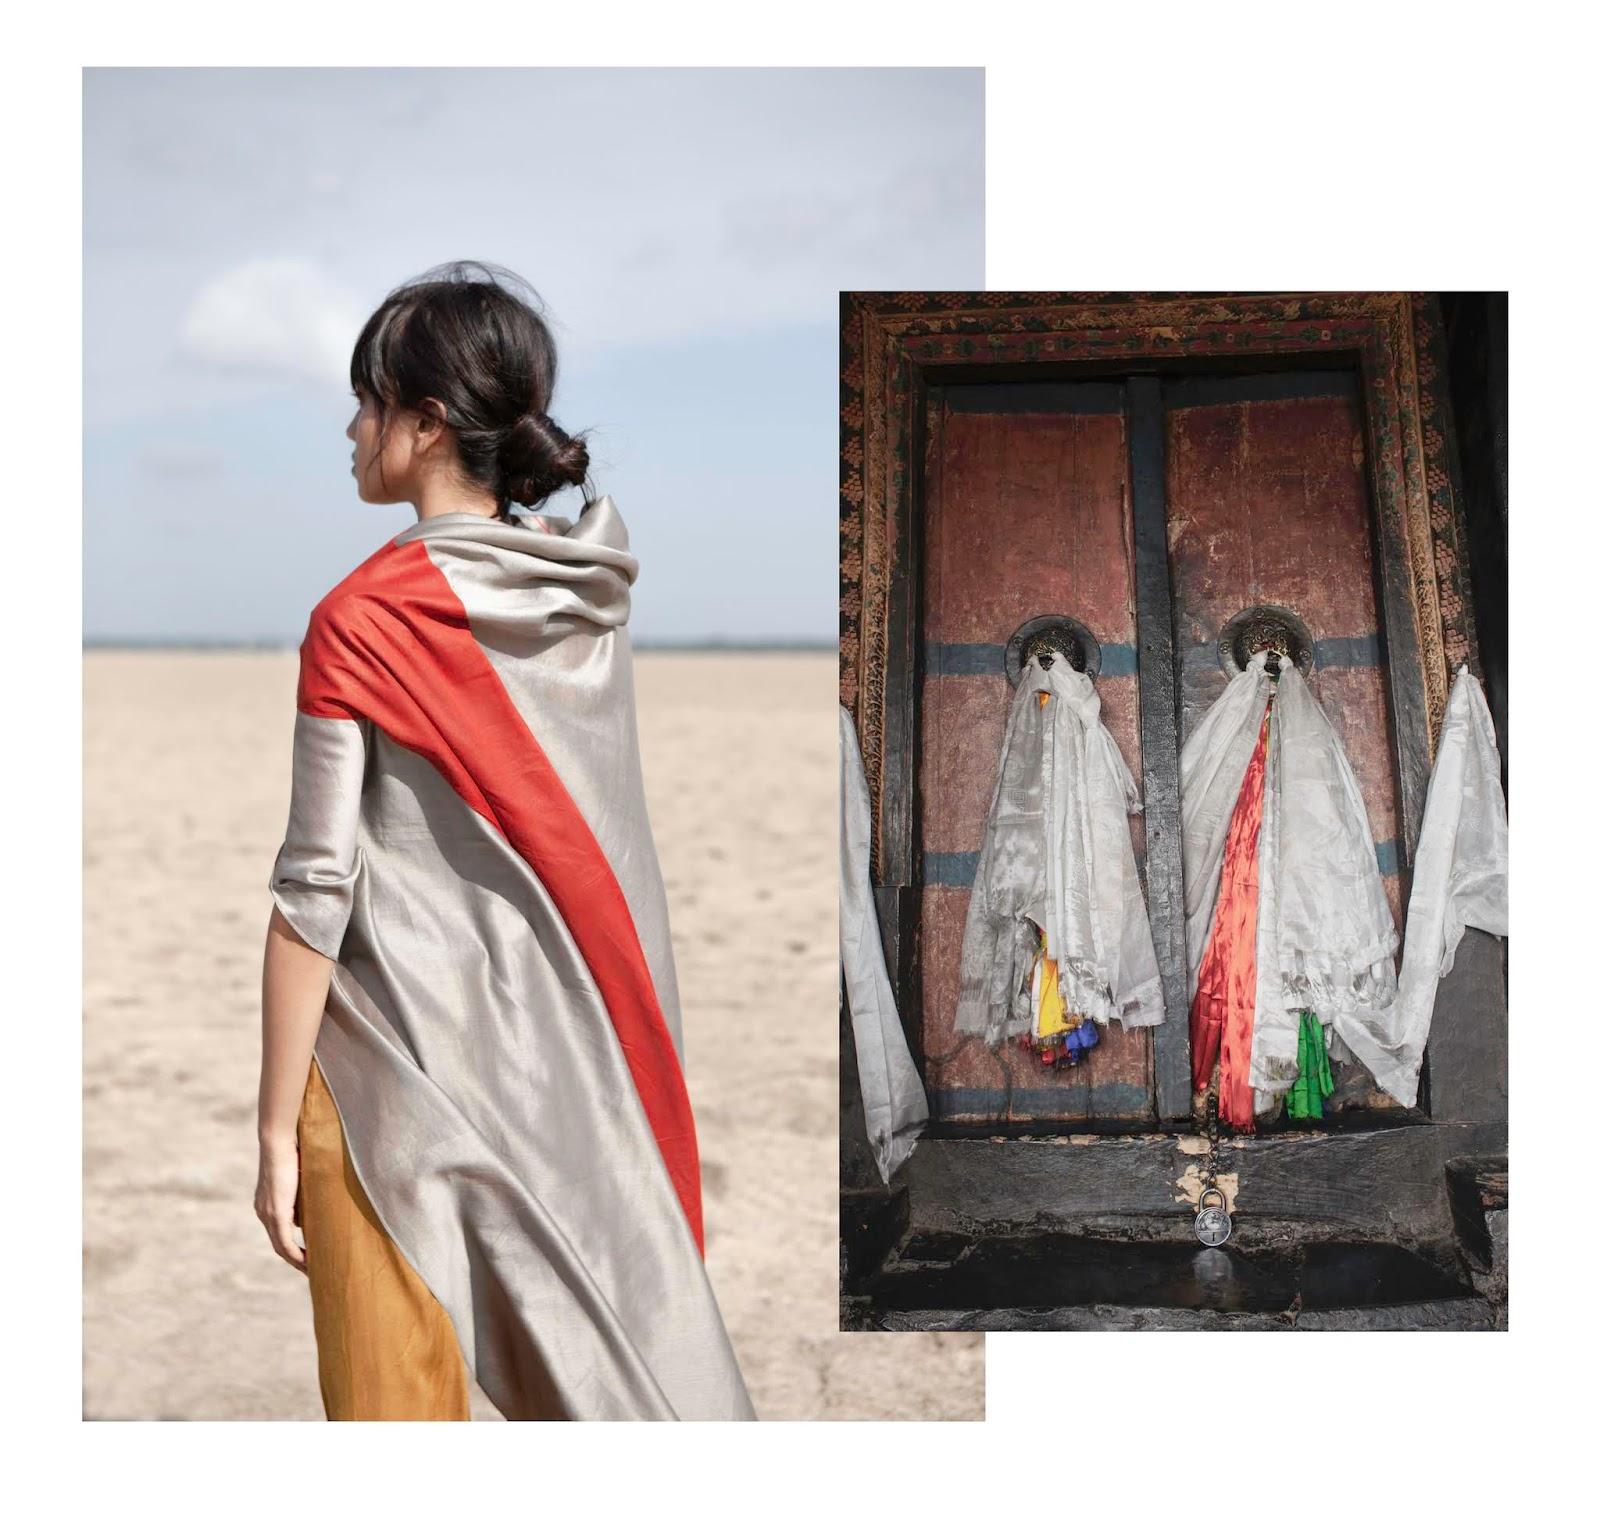 Blusa de seda e inspiración de colección Ladakh de Alejandra Domínguez